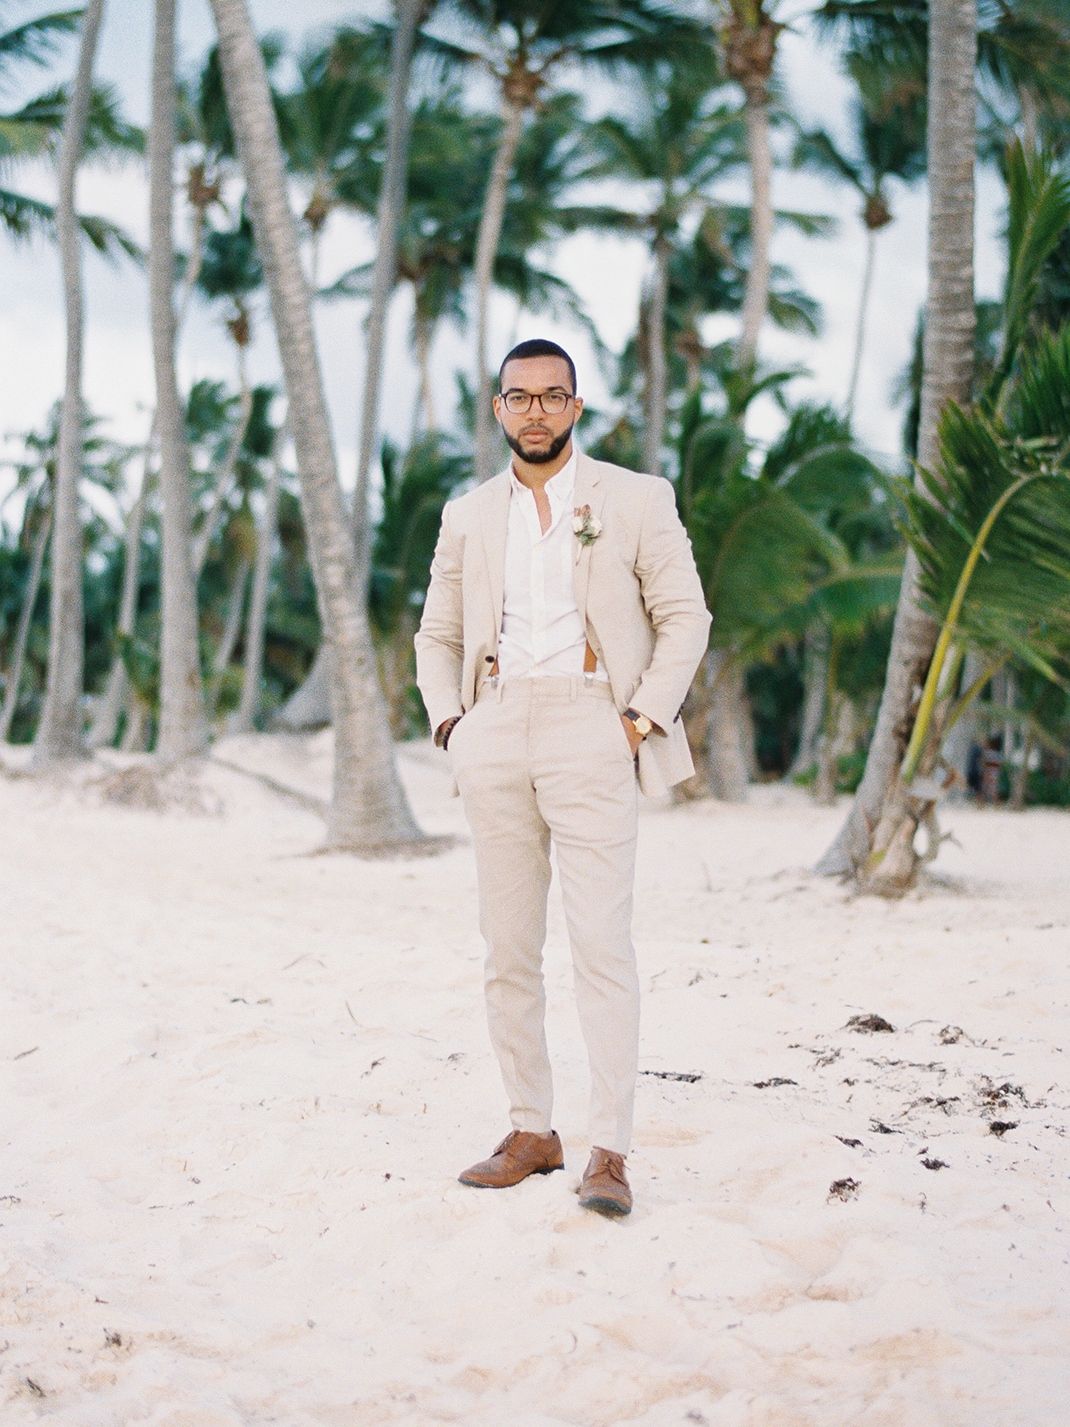 black groom on beach in tan suit